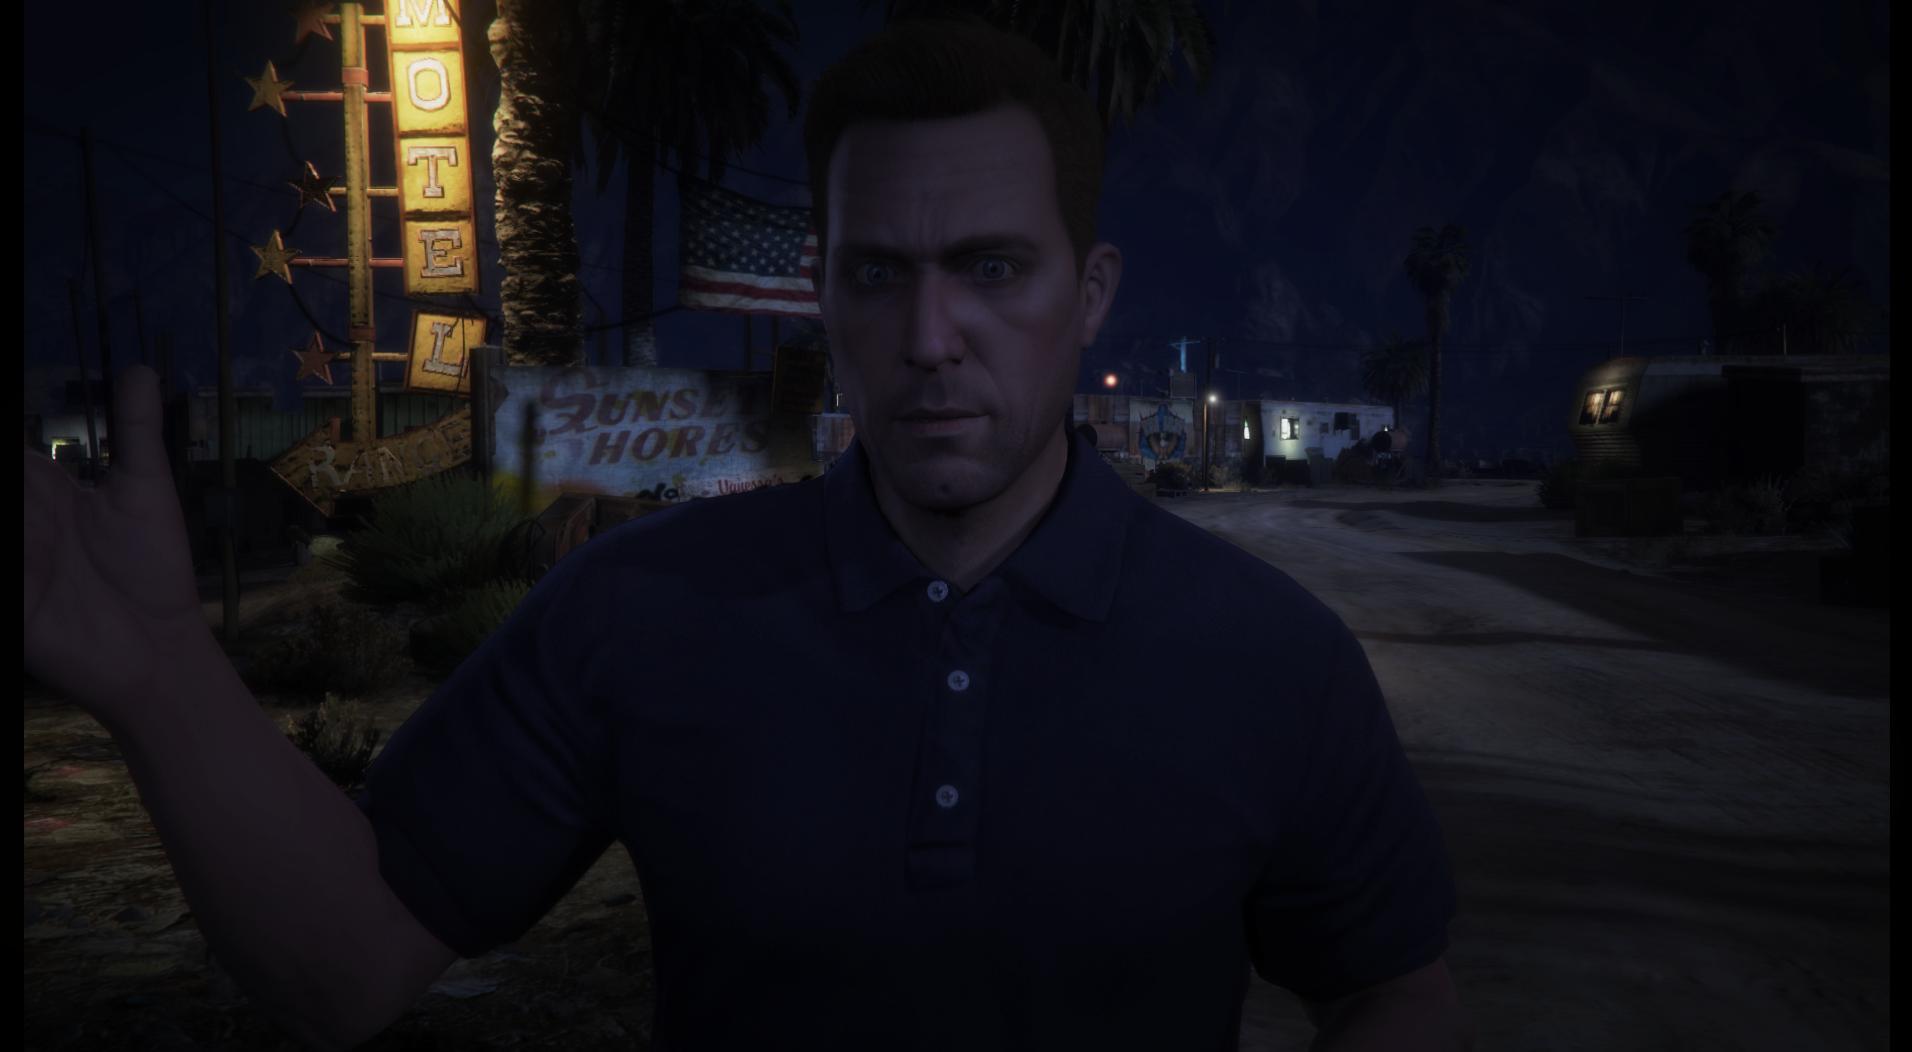 Grand_Theft_Auto_V_Screenshot_2019.05.02